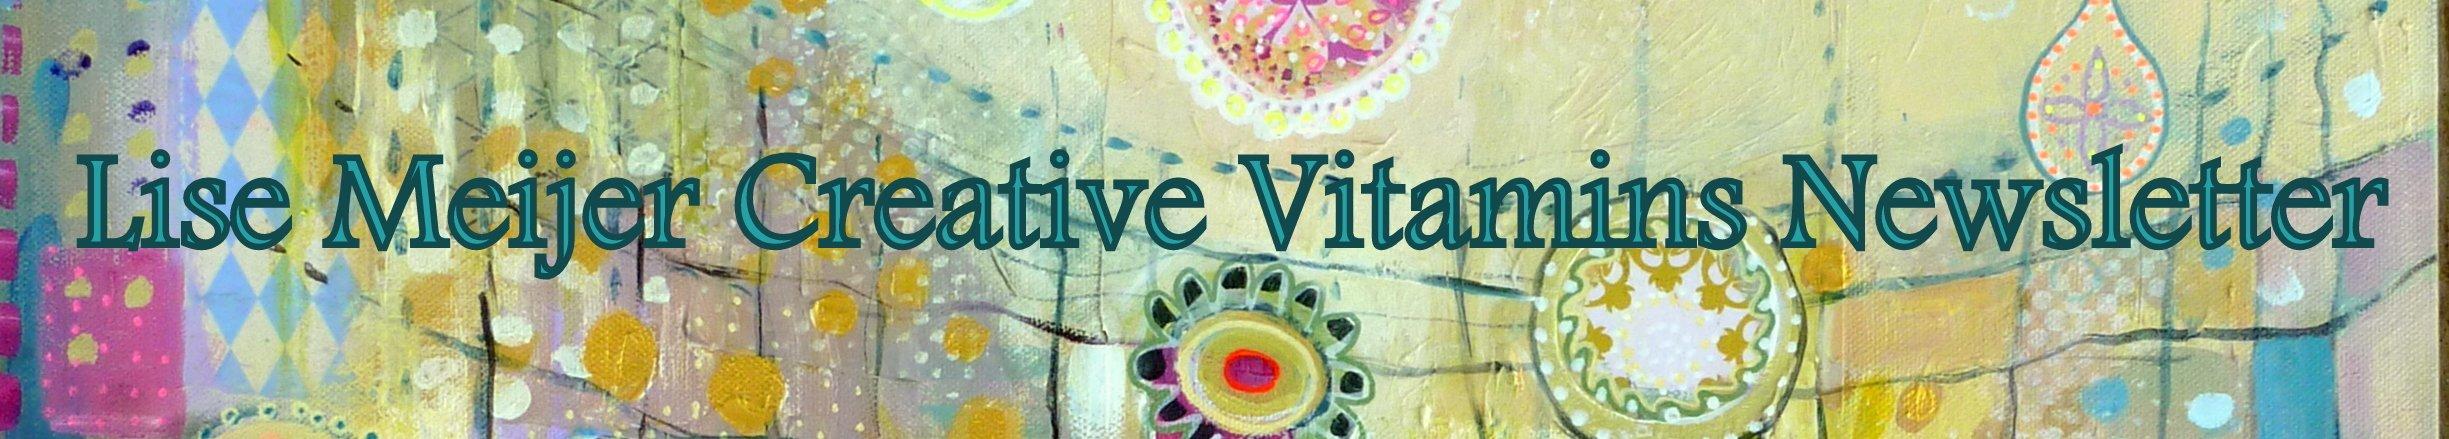 Creative Vitamins newsletter